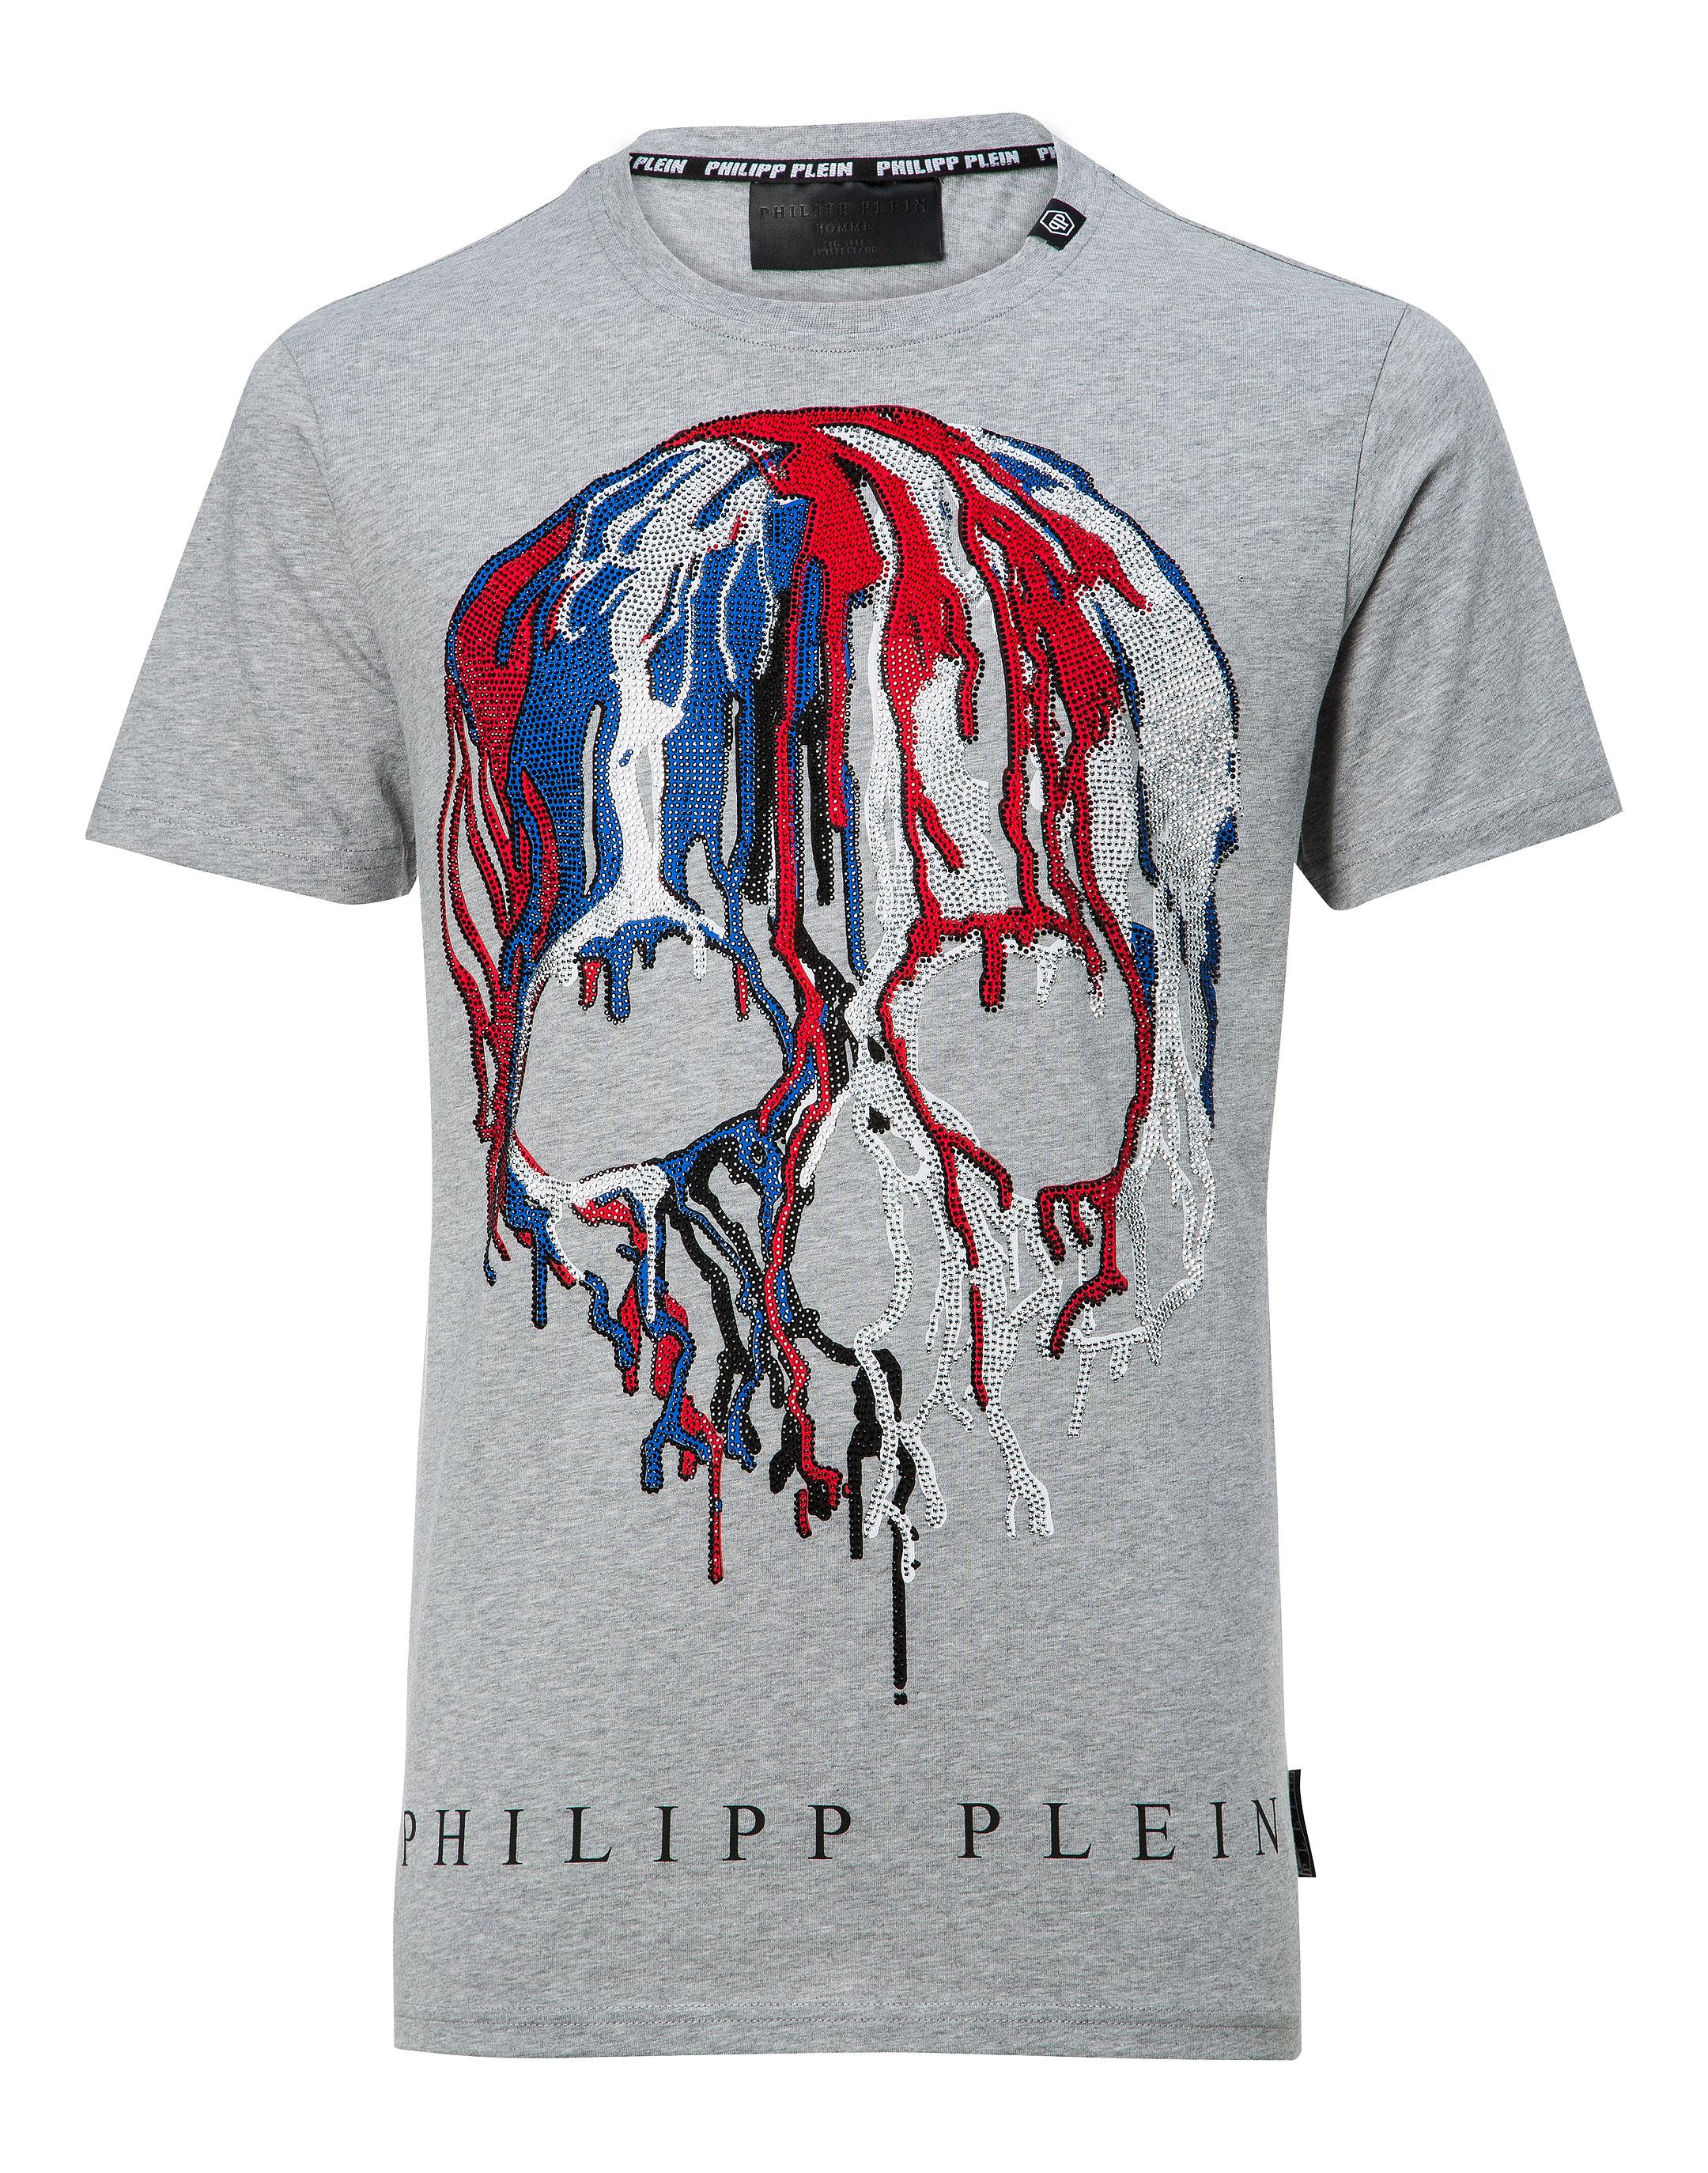 Ss Neck Shirt Round CesarPhilipp Outlet T Plein 0yvmN8wOnP